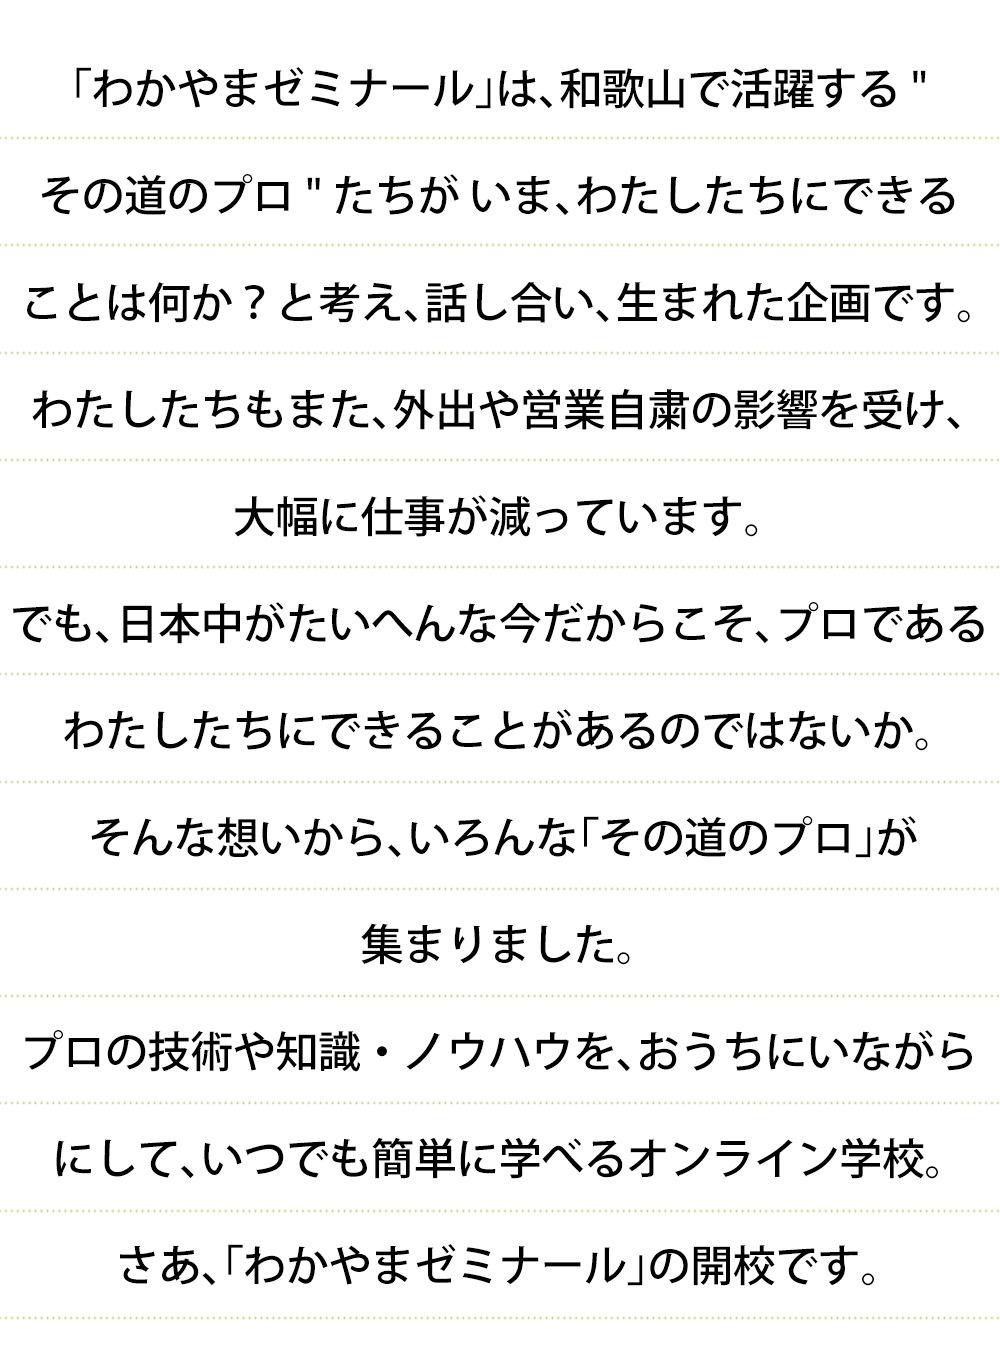 「わかやまゼミナール」は、和歌山で活躍する